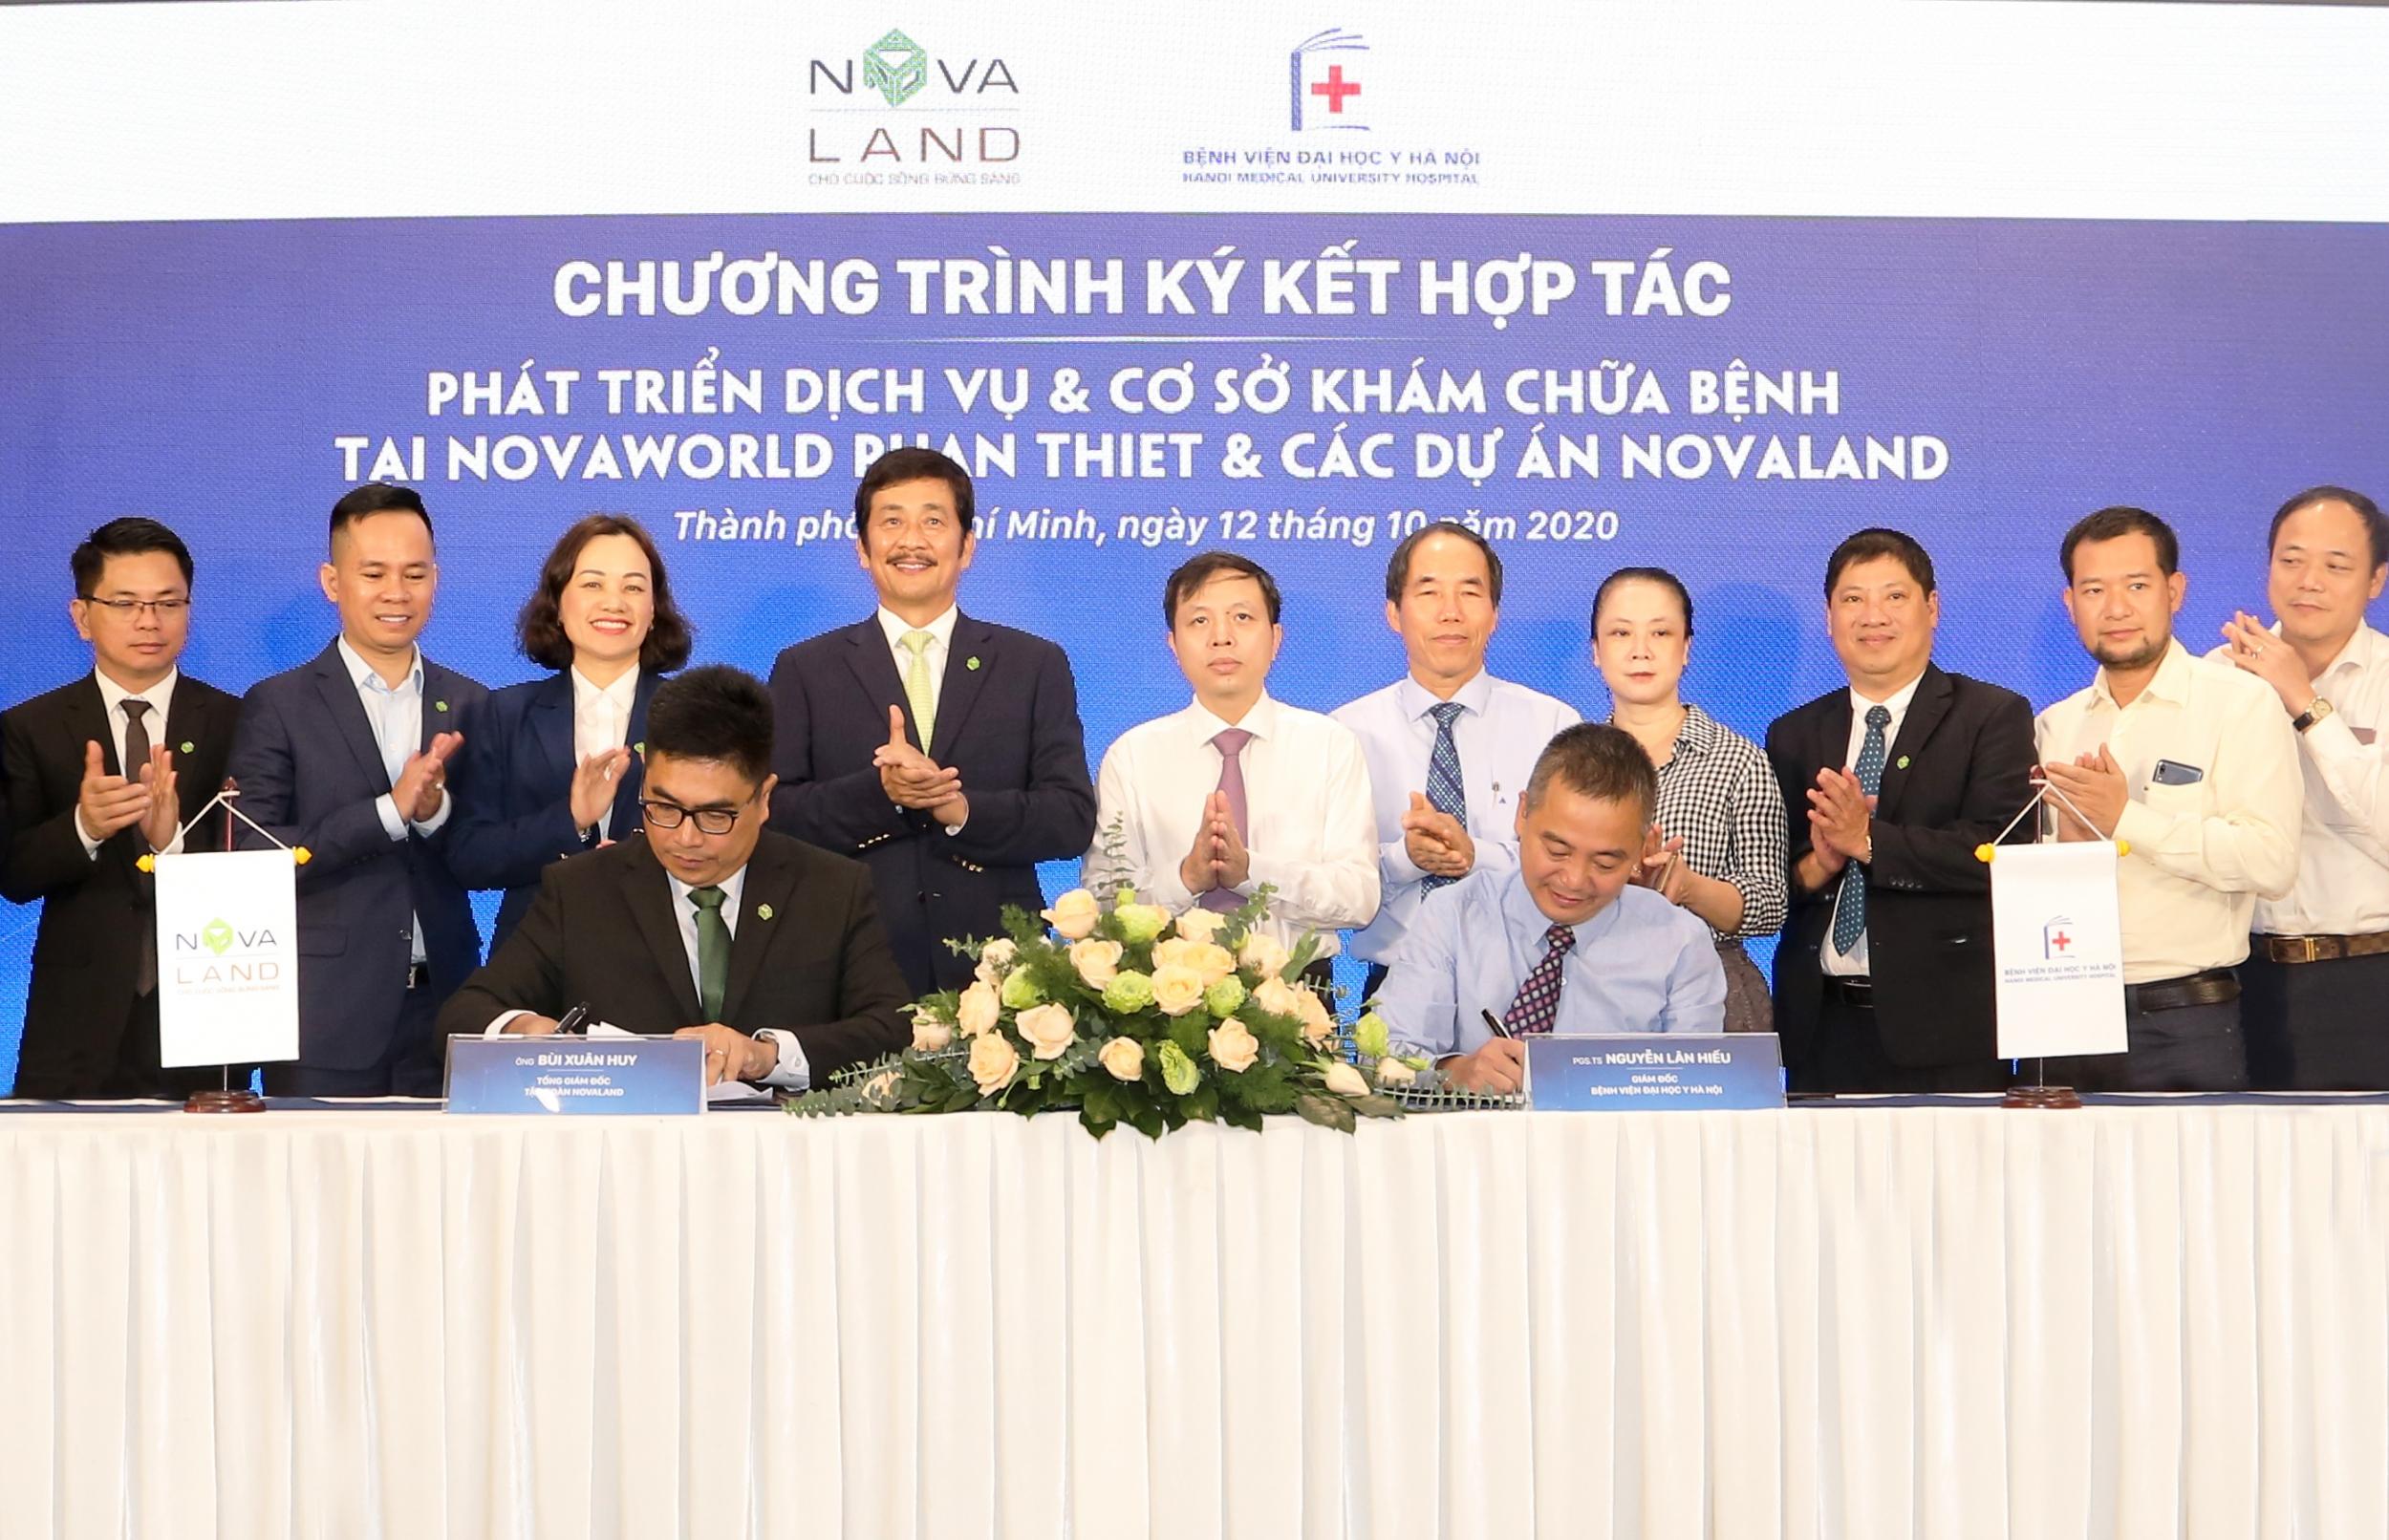 Novaland đã ký kết hợp tác với bệnh viện Đại học Y Hà Nội phát triển dịch vụ và cơ sở khám chữa bệnh tại NovaWorld Phan Thiet và các dự án Novaland